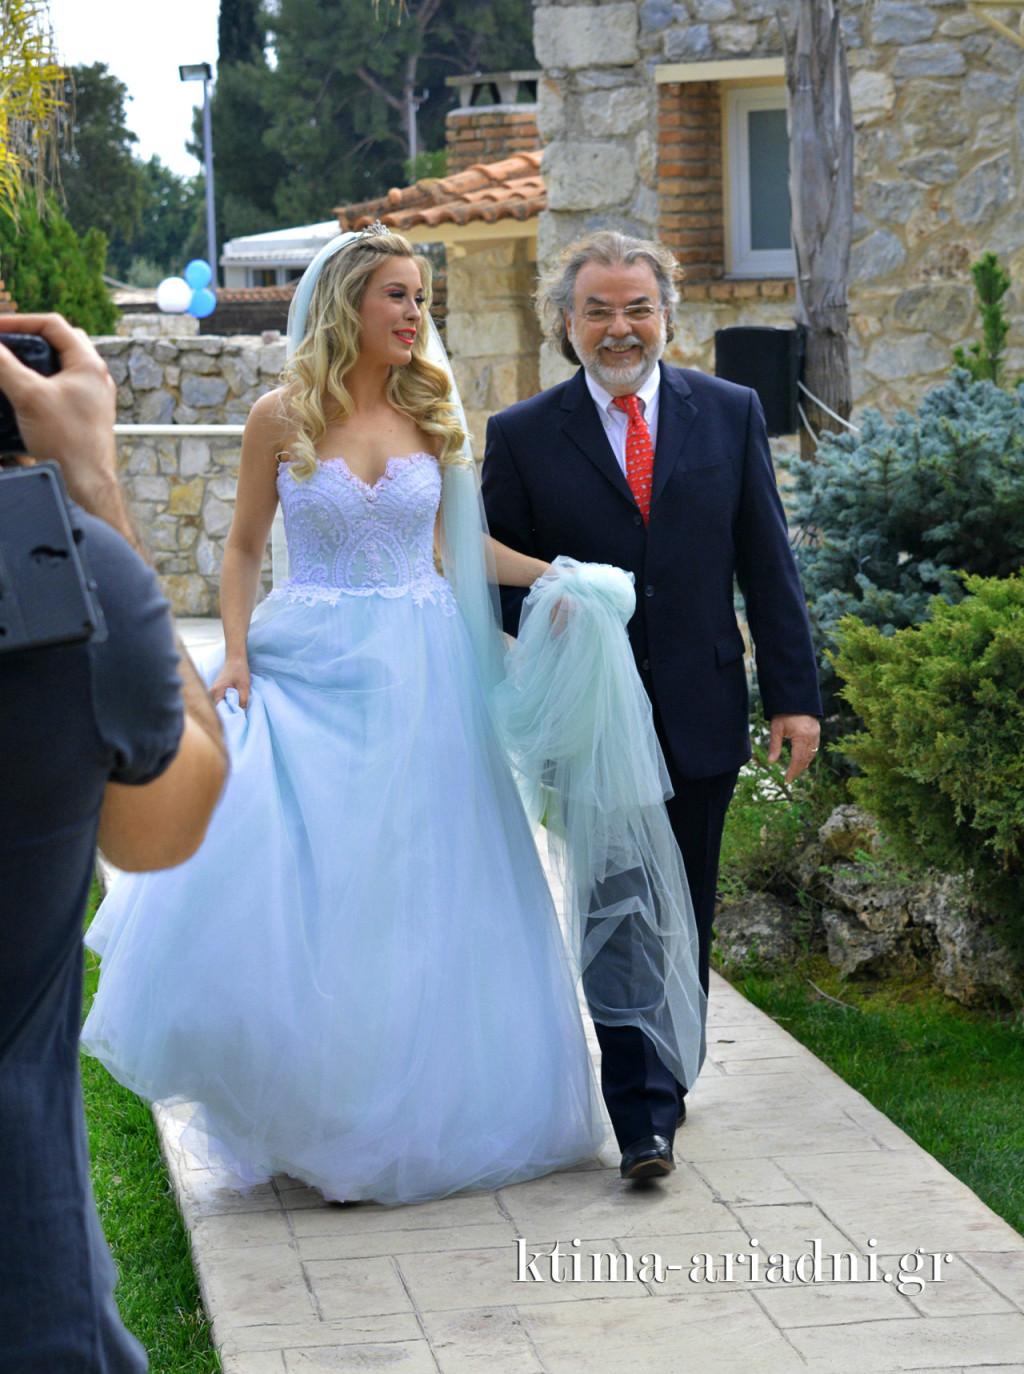 Η είσοδος της νύφης Μπάρμπι συνοδεία του γιατρού κου Παπαδάκη